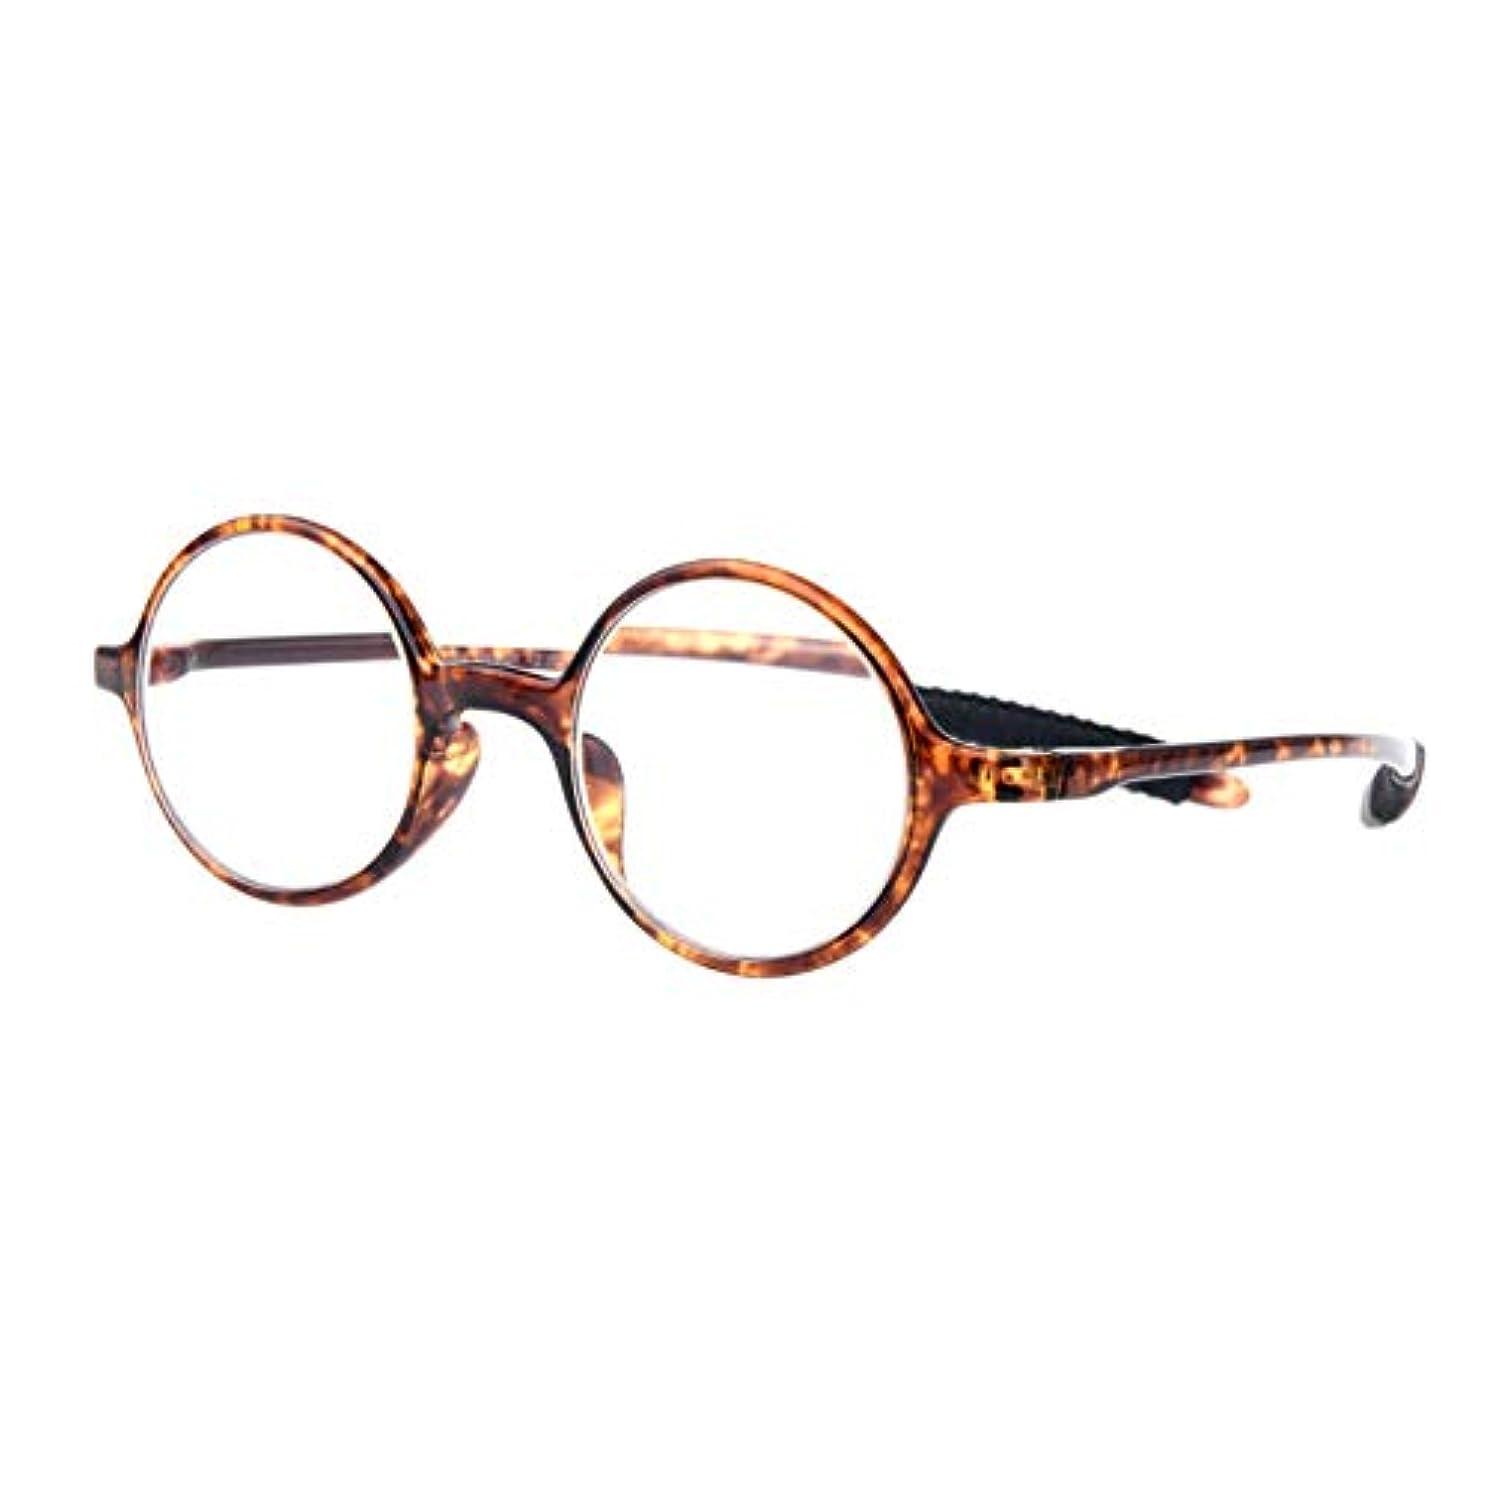 ユニセックス 老眼鏡 ケース付き ビンテージ トランスペアレント 丸レンズ アンチブルーライト 超軽量 ファッション 眼鏡 +1.0 / +1.5 / +2.0 / +2.5 / +3.0視度 力 アイウェア 男性向け女性向け